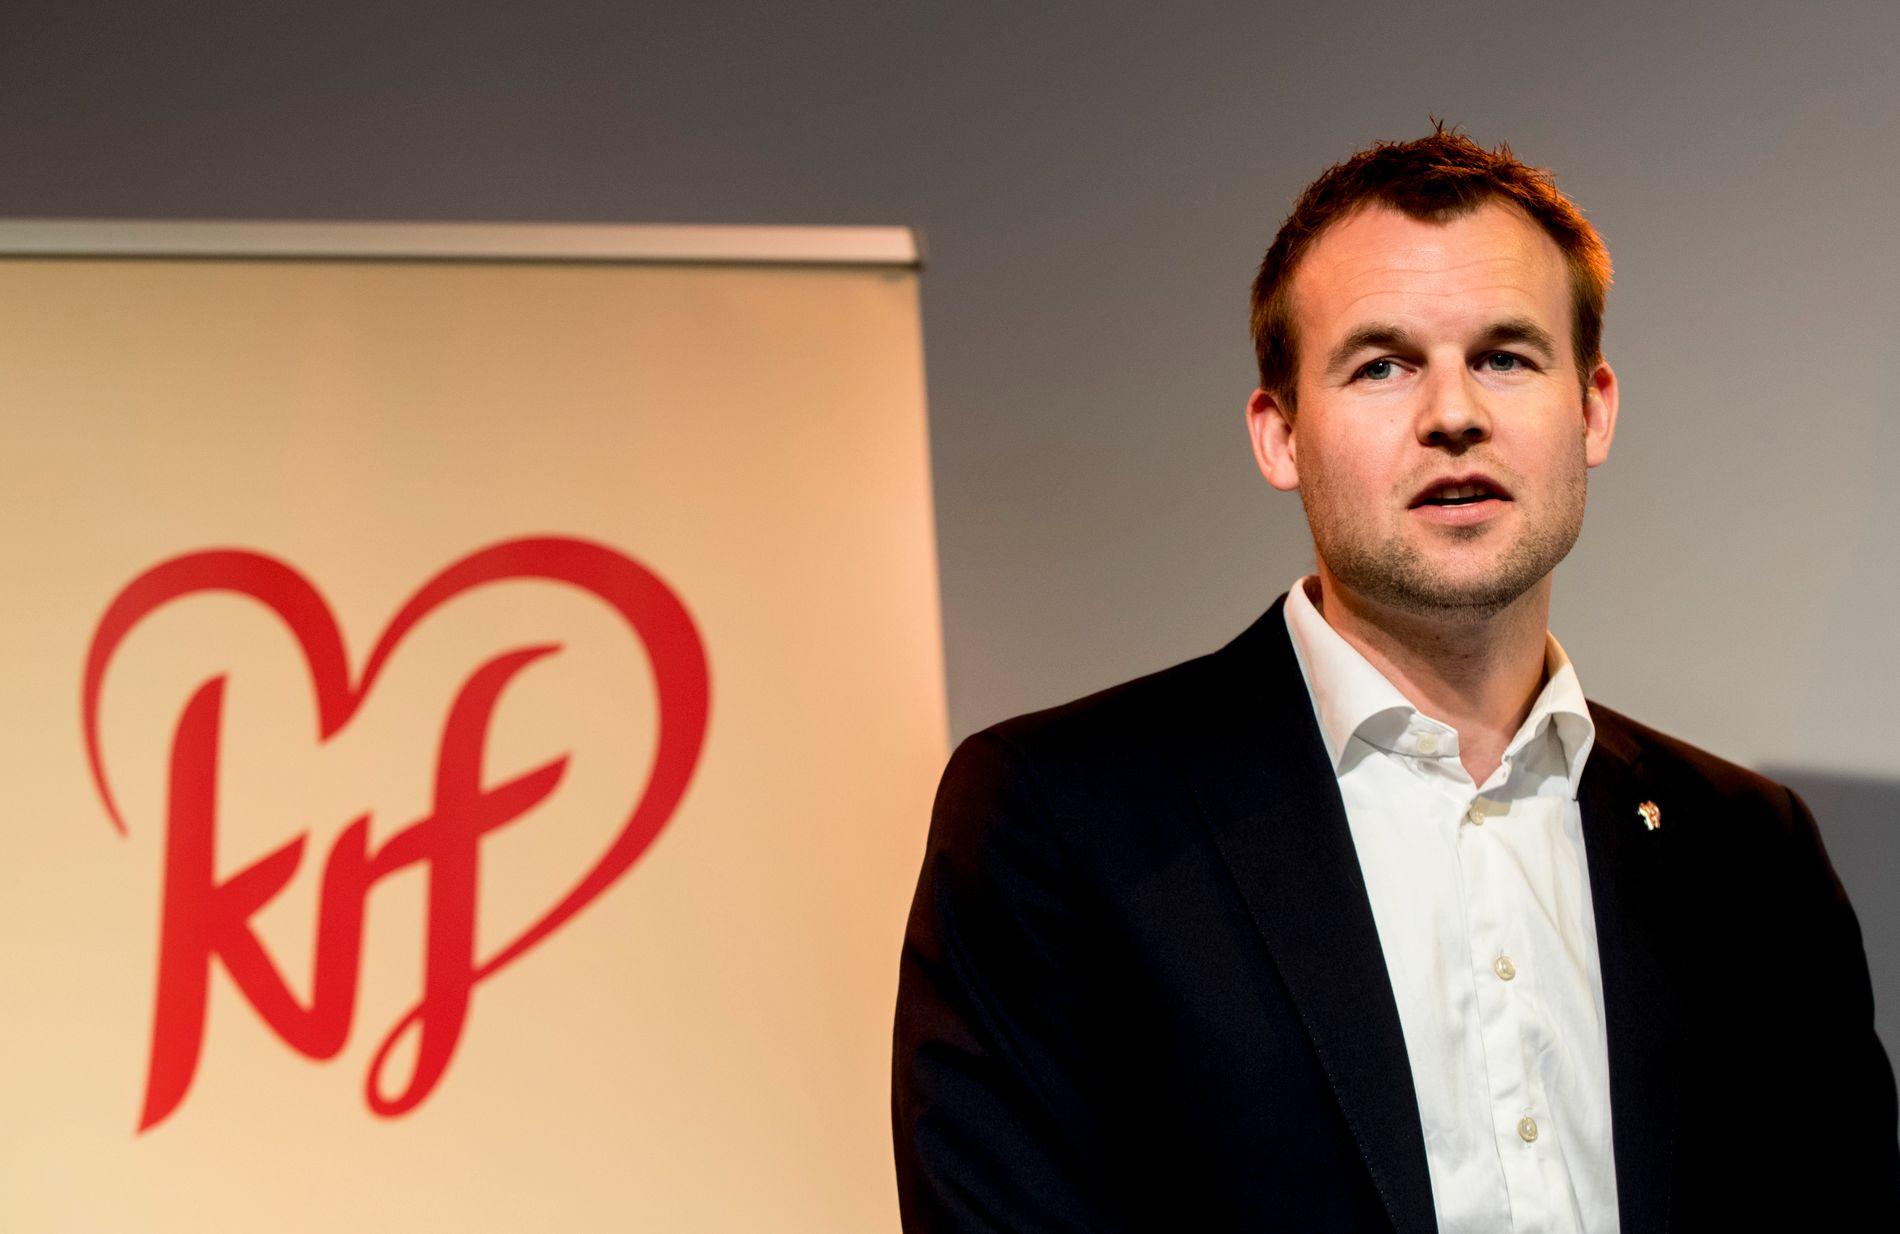 – Av 4.000 listekandidater som stiller opp, så er 500 KrFU-ere og under 33 år, sier KrFs lederkandidat Kjell Ingolf Ropstad. Foto: Vidar Ruud / NTB scanpix